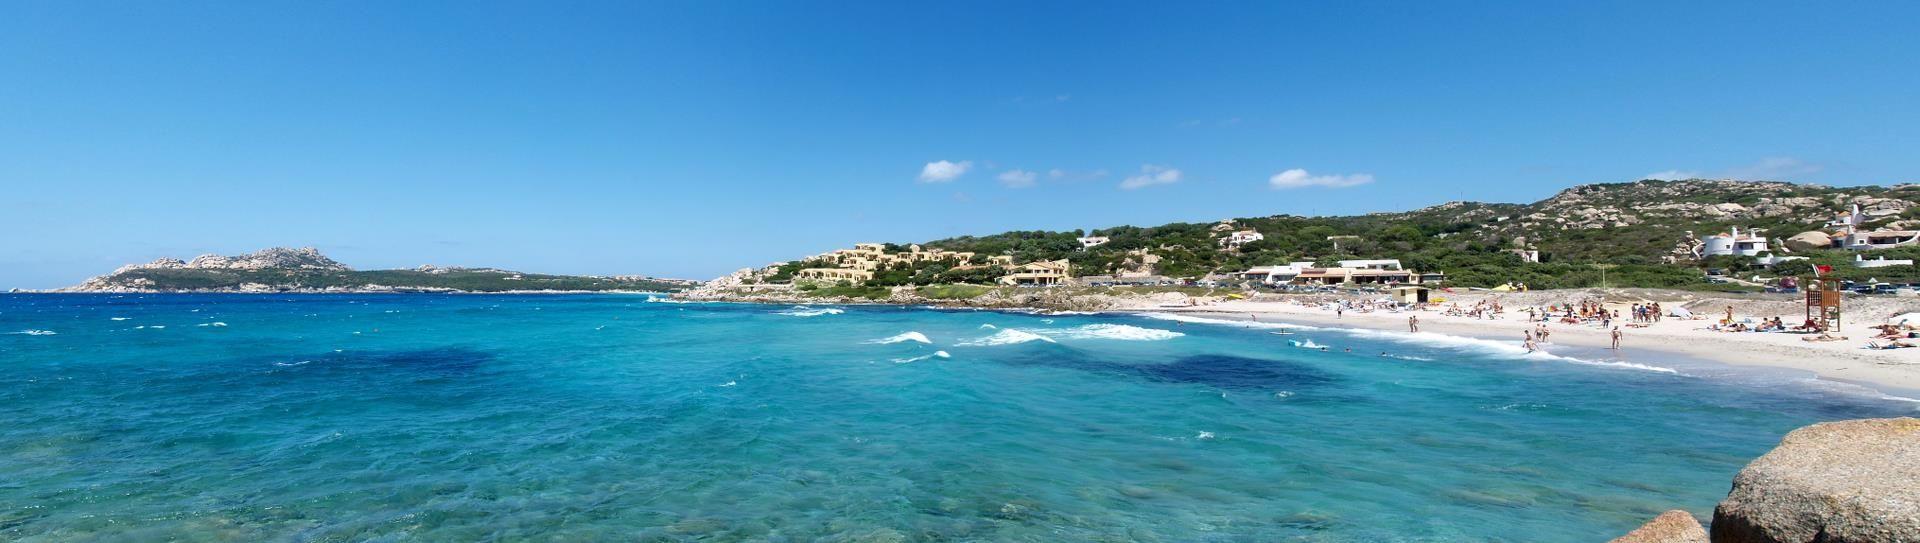 Baia Santa Reparata , Sardinia - Immobilien zum Verkauf oder zur Miete